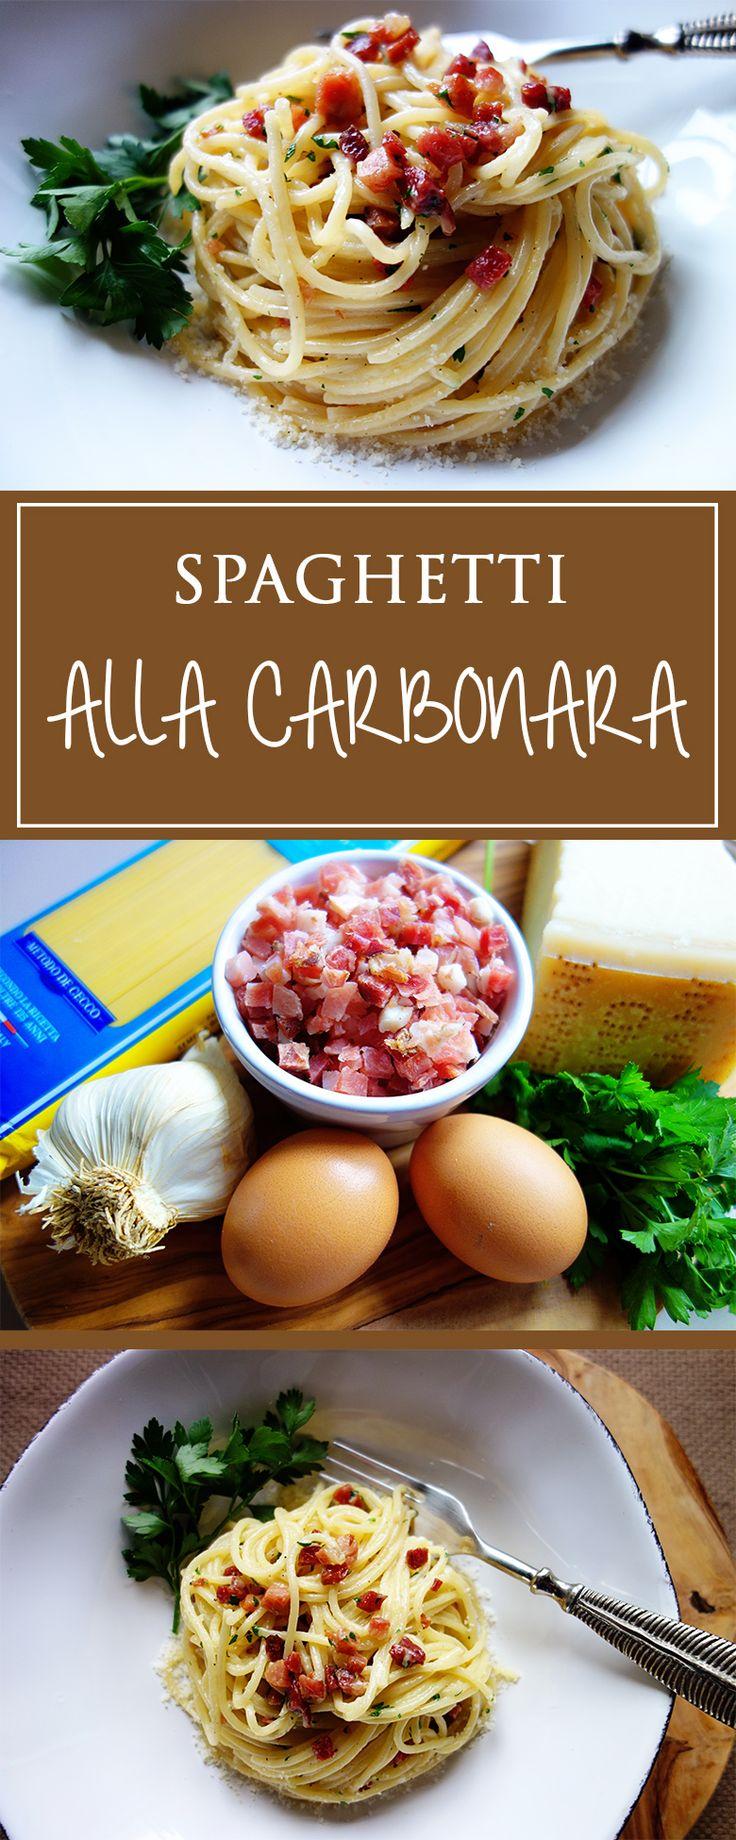 Spaghetti alla Carbonara - ein herrlich einfaches & schnelles Rezept für die echte italienische Sauce mit Speck, Eiern & Parmesan. Auch ohne Sahne ein Genuss! 🇮🇹🍝 | cucina-con-amore.de